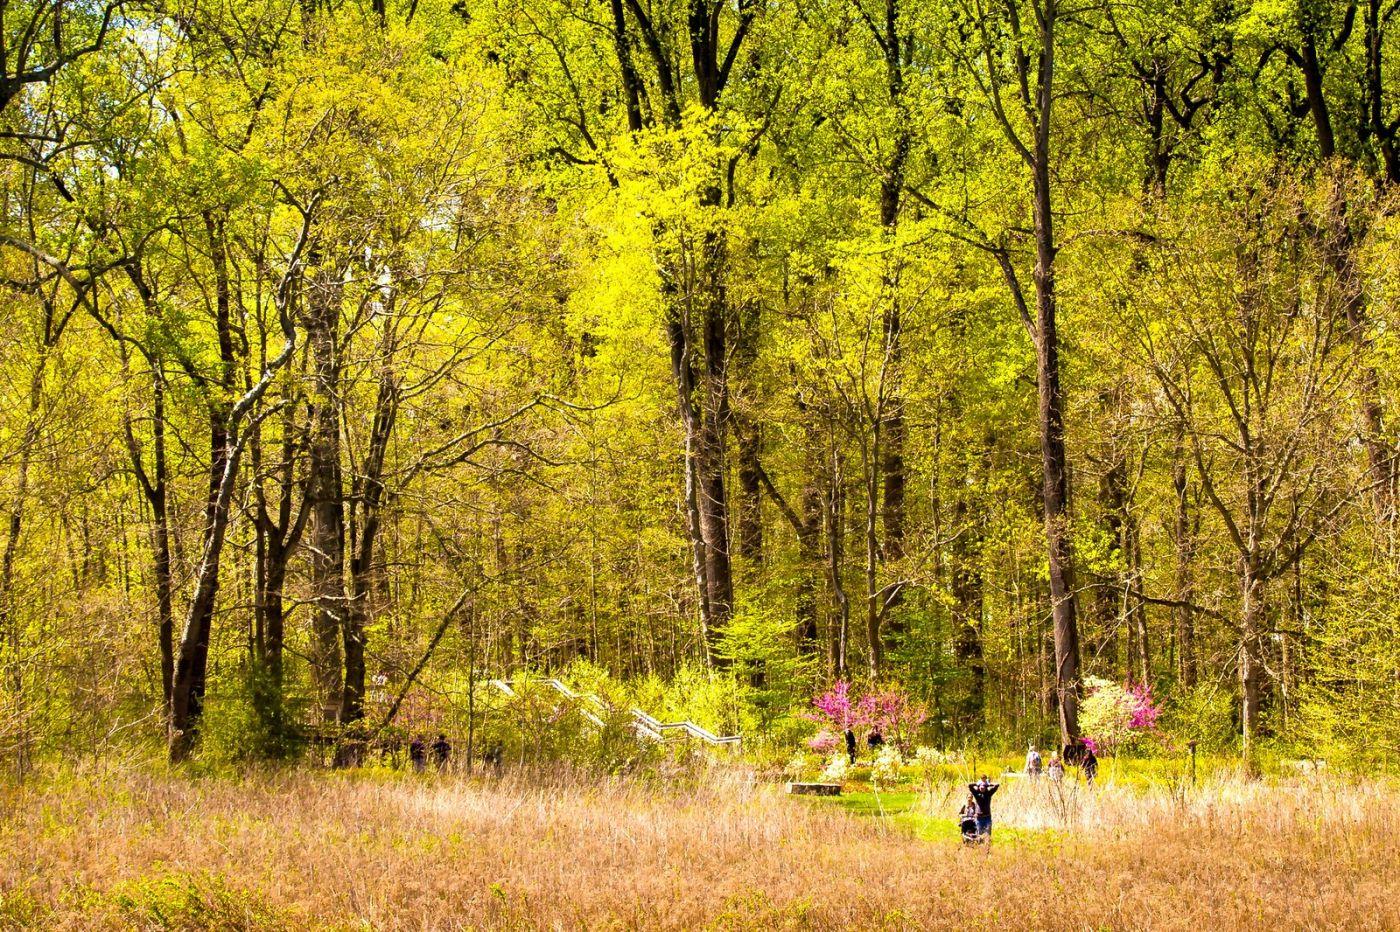 宾州长木公园,定格美好的画面_图1-38